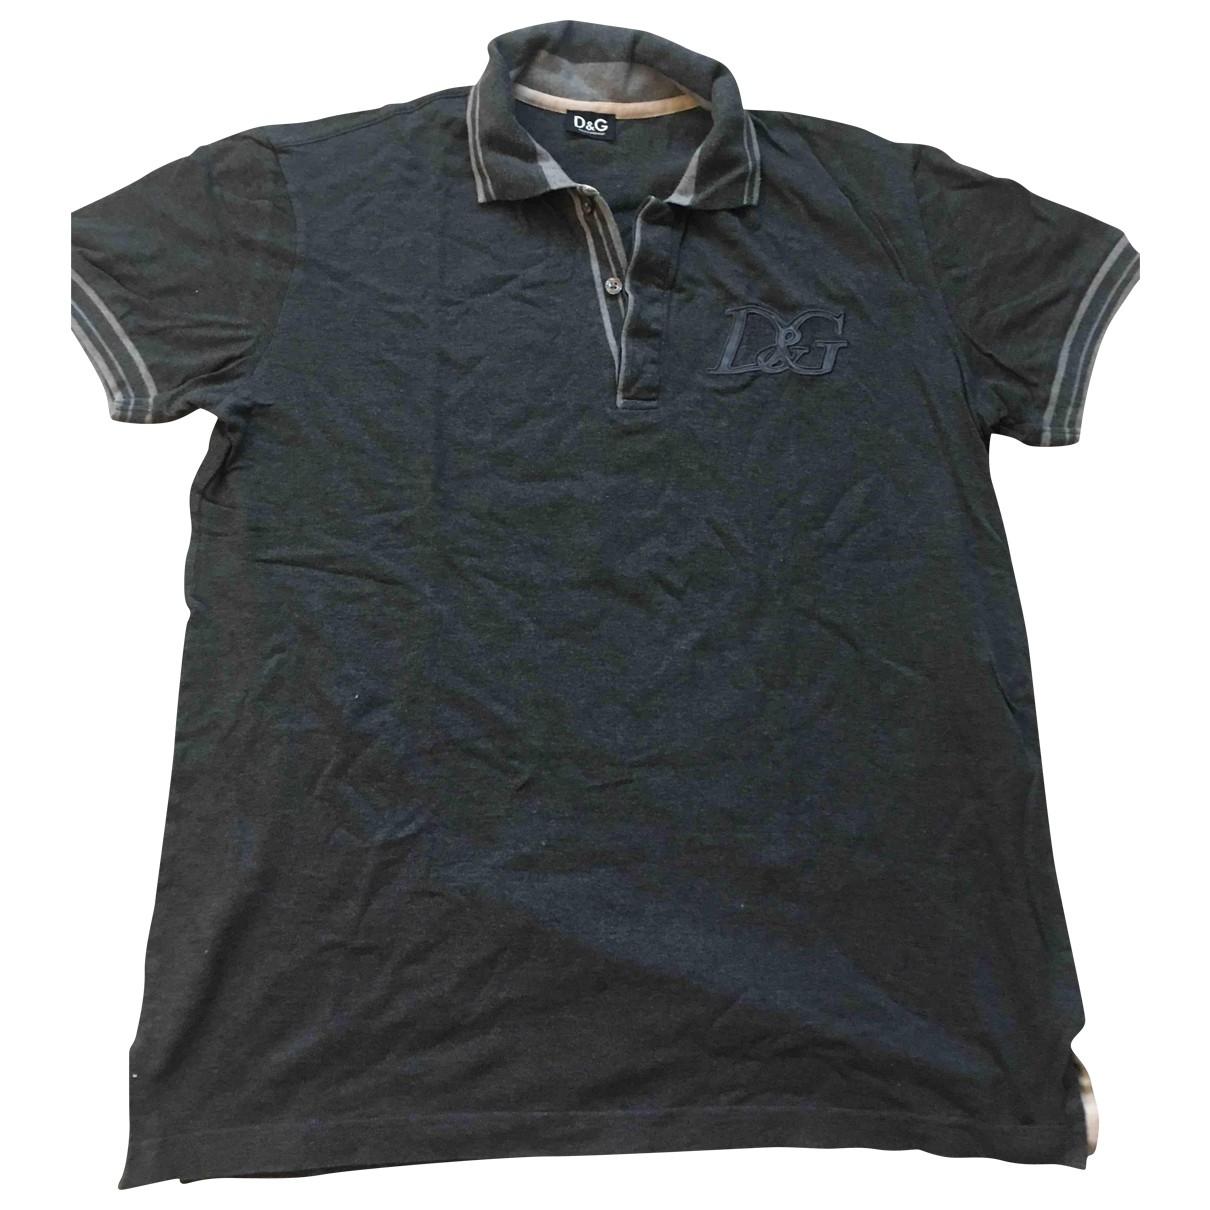 D&g - Polos   pour homme en coton - gris